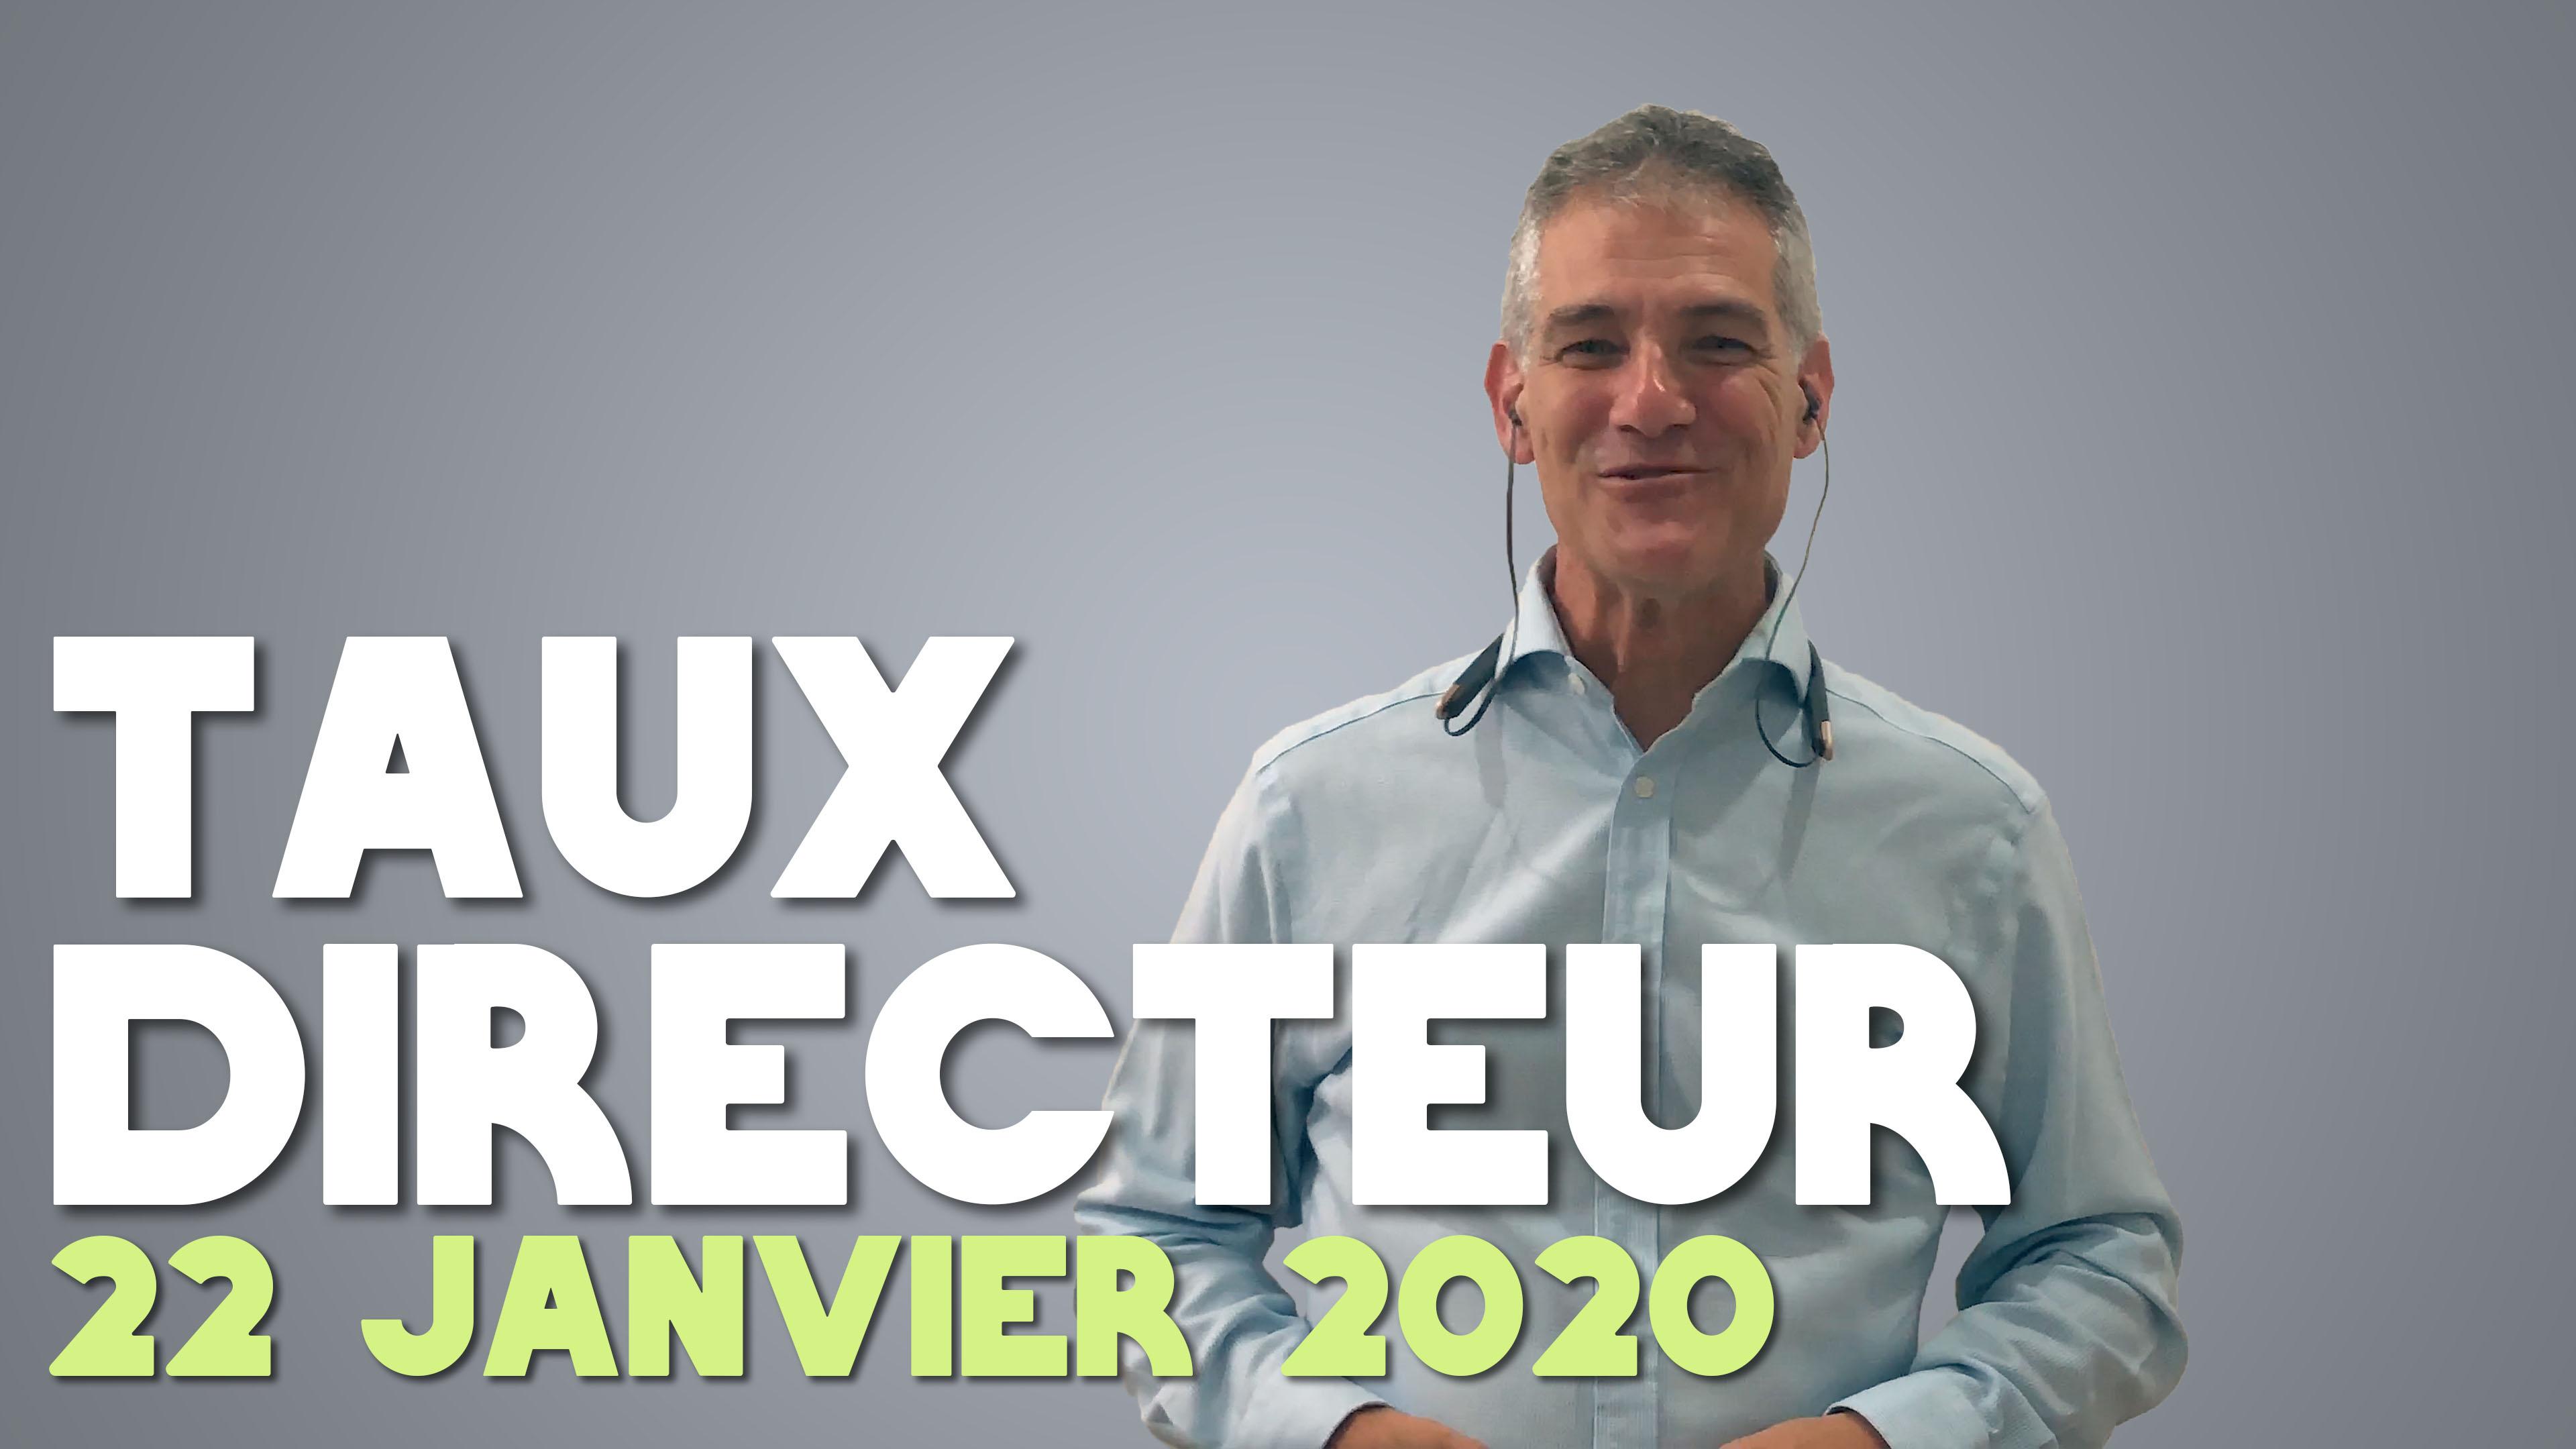 Taux Directeur Janvier   Christian Pomerleau